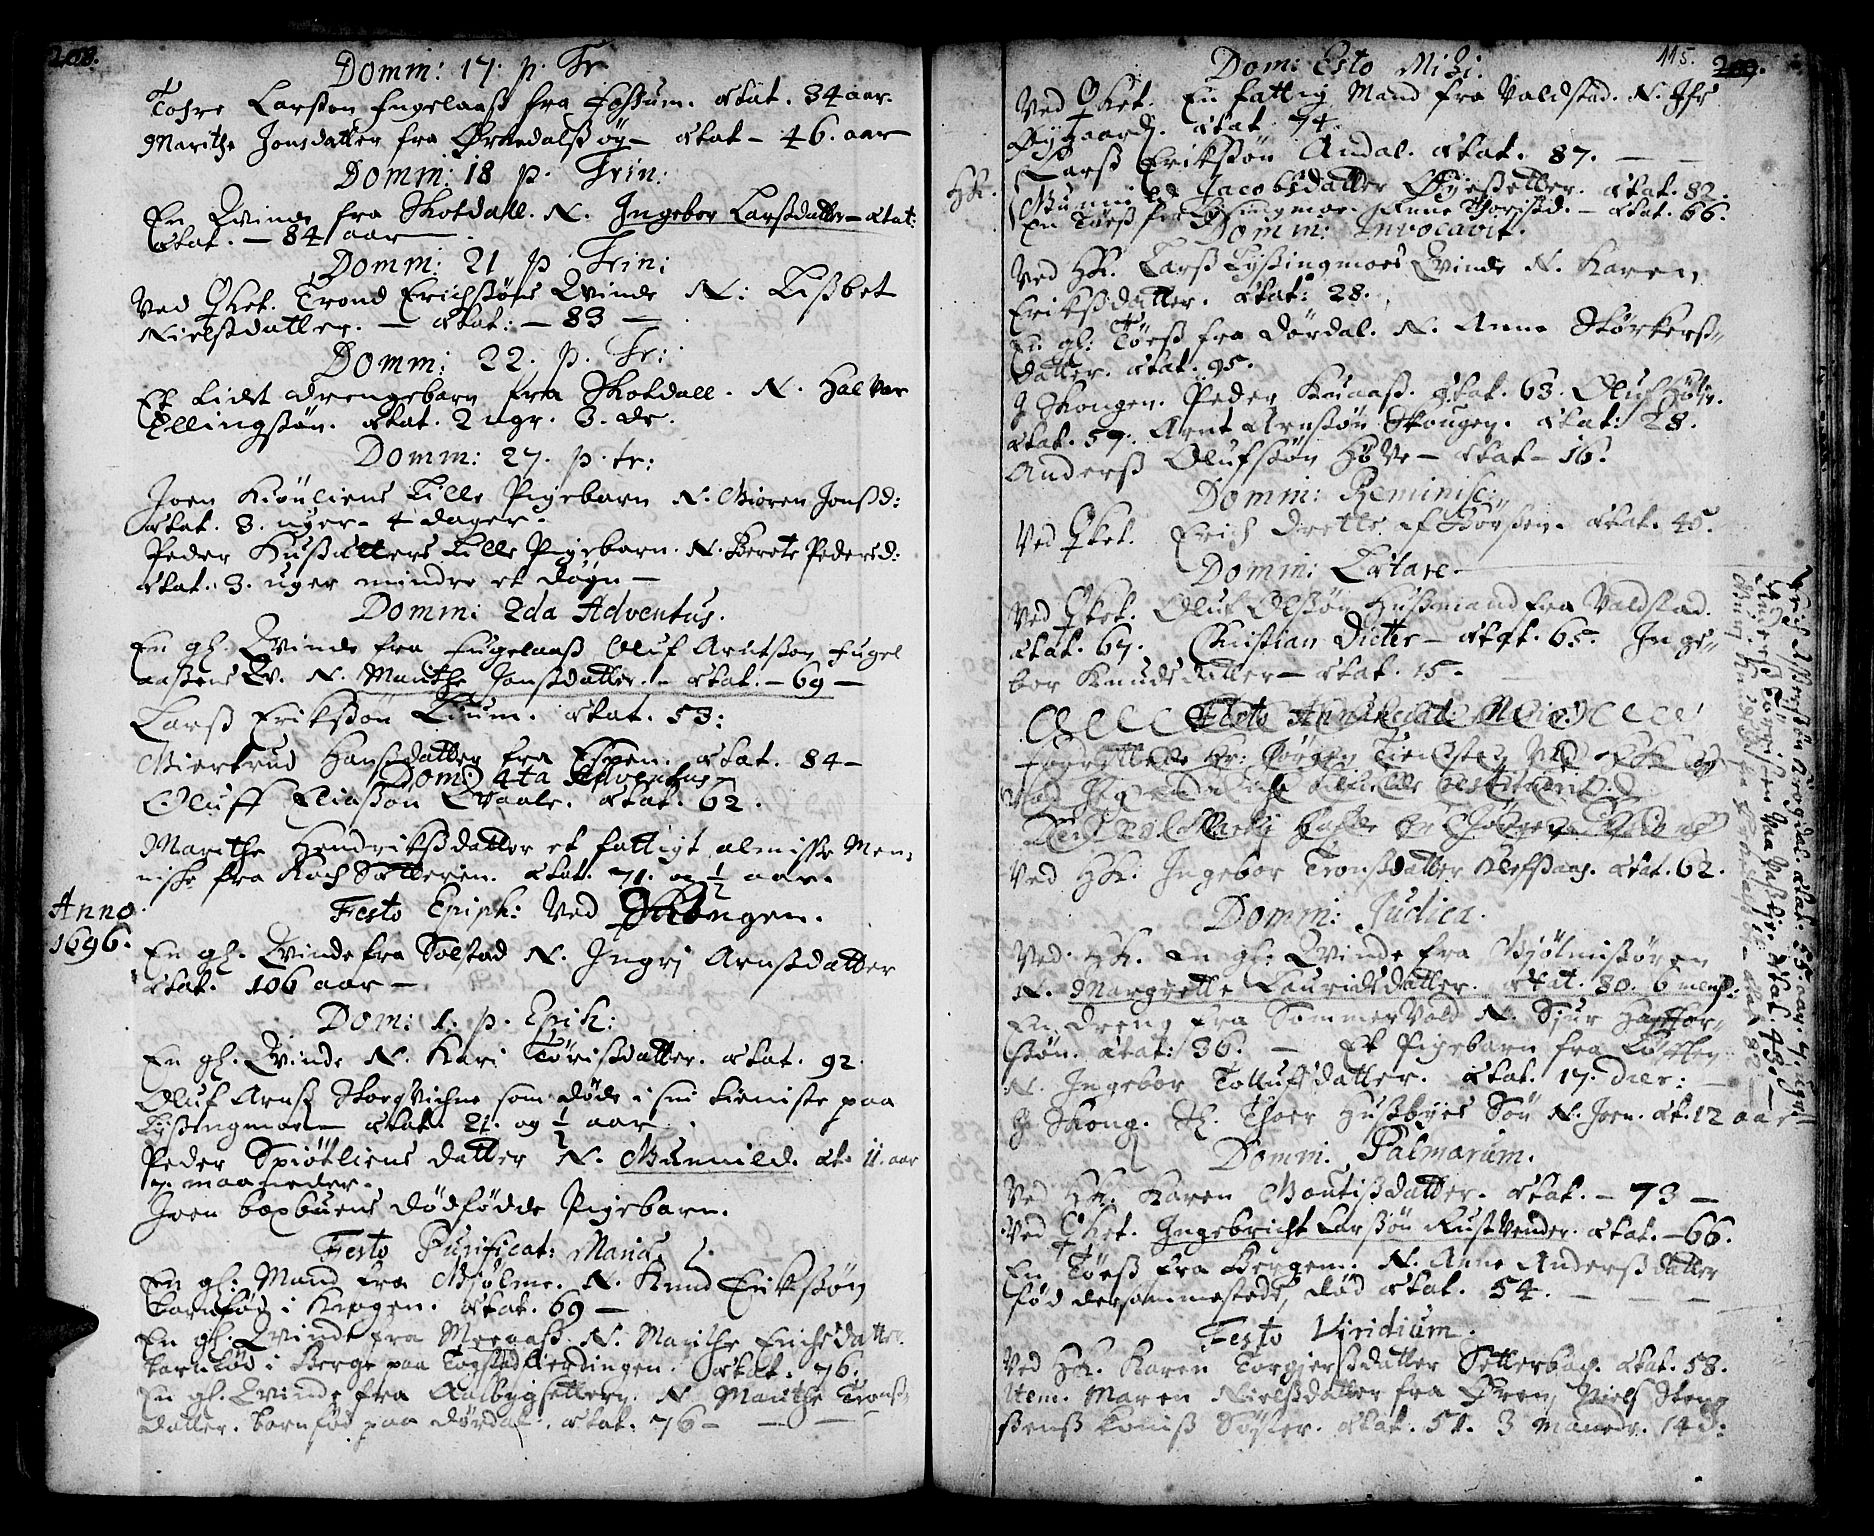 SAT, Ministerialprotokoller, klokkerbøker og fødselsregistre - Sør-Trøndelag, 668/L0801: Ministerialbok nr. 668A01, 1695-1716, s. 114-115